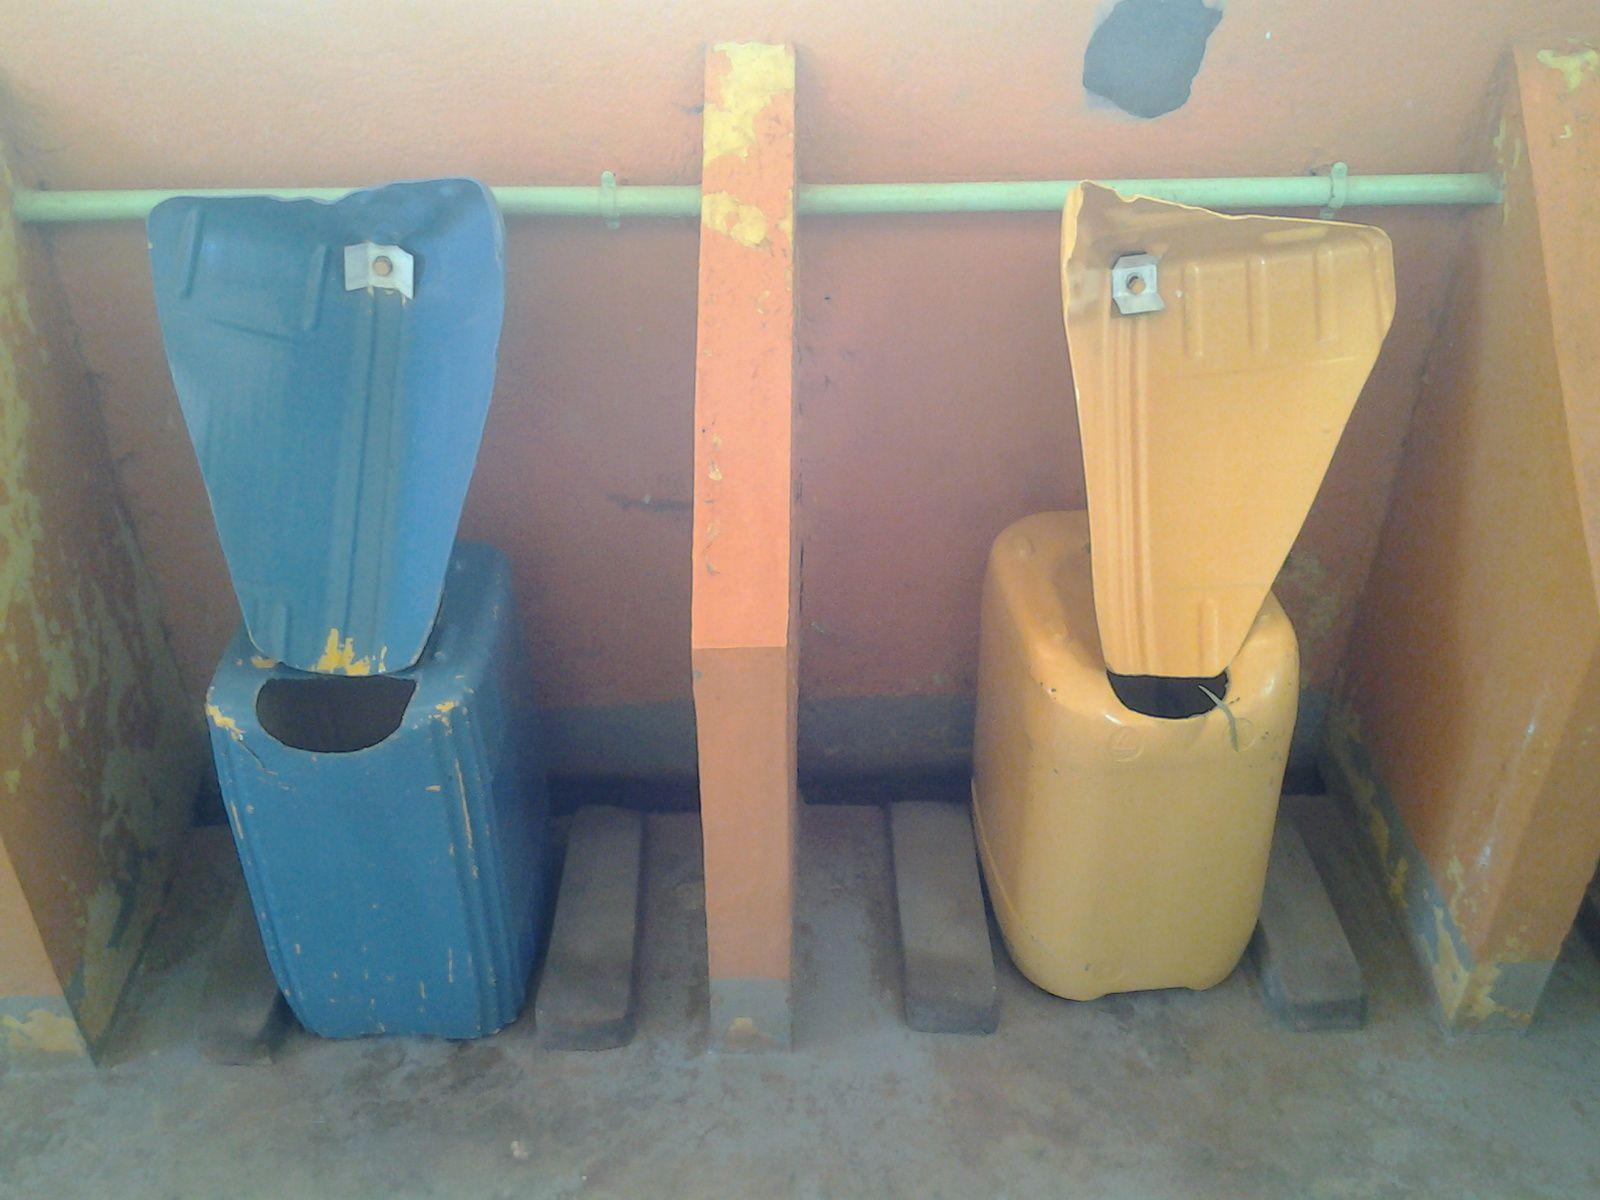 vous pouvez même aller acheter vos toilettes sèches à l'éco Village . . Géééééniaaaal ! ! ! !